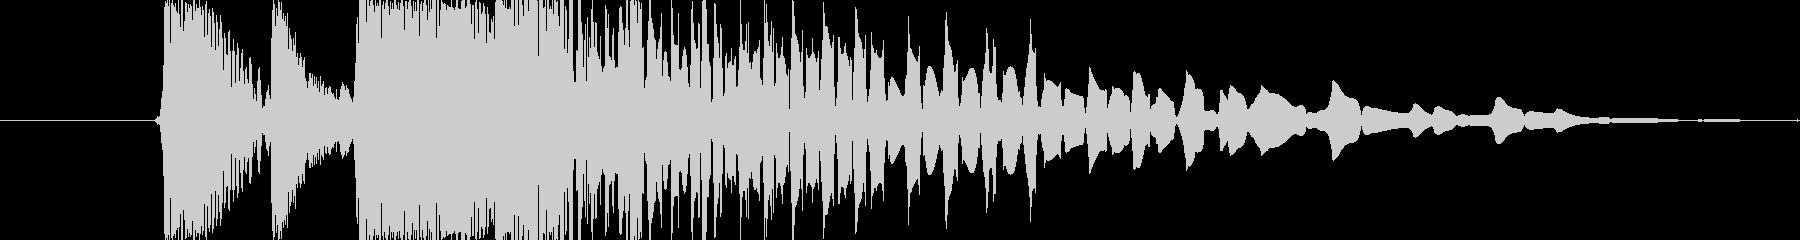 ドラムハットバージョン2の未再生の波形